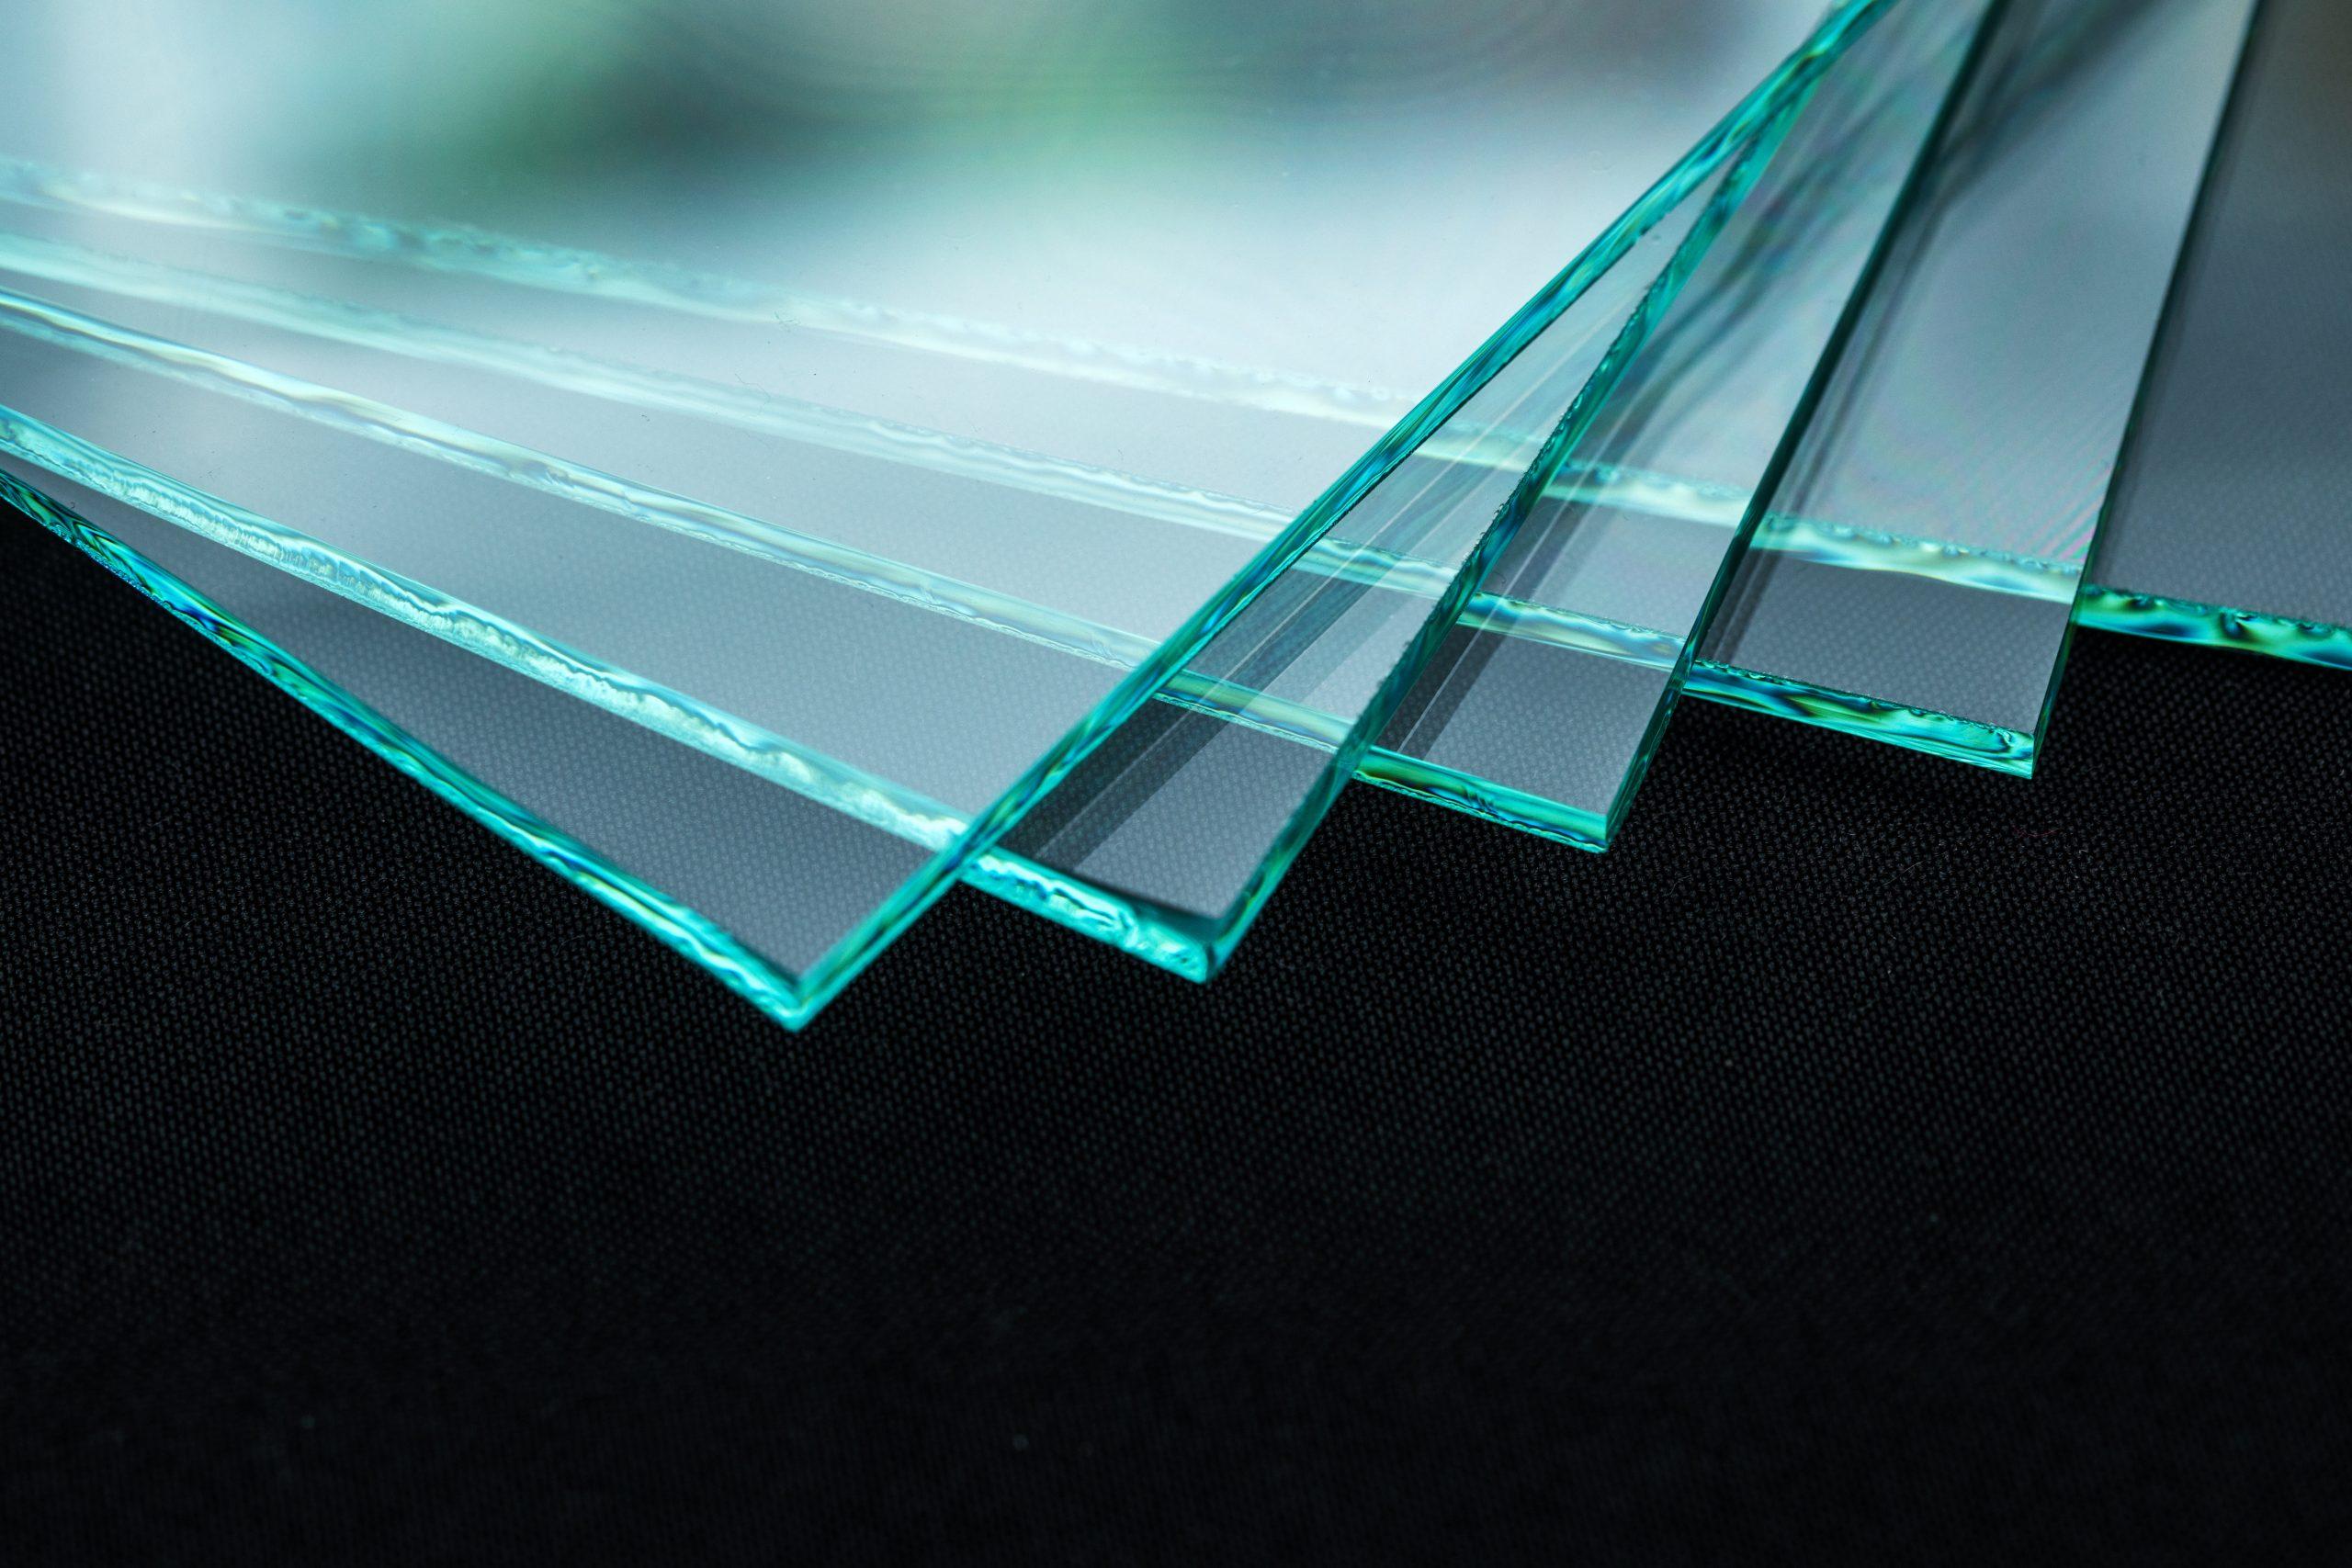 In der Fabrik hergestellte, gehärtete Glasscheiben aus gehärtetem Klarglas, zugeschnitten.